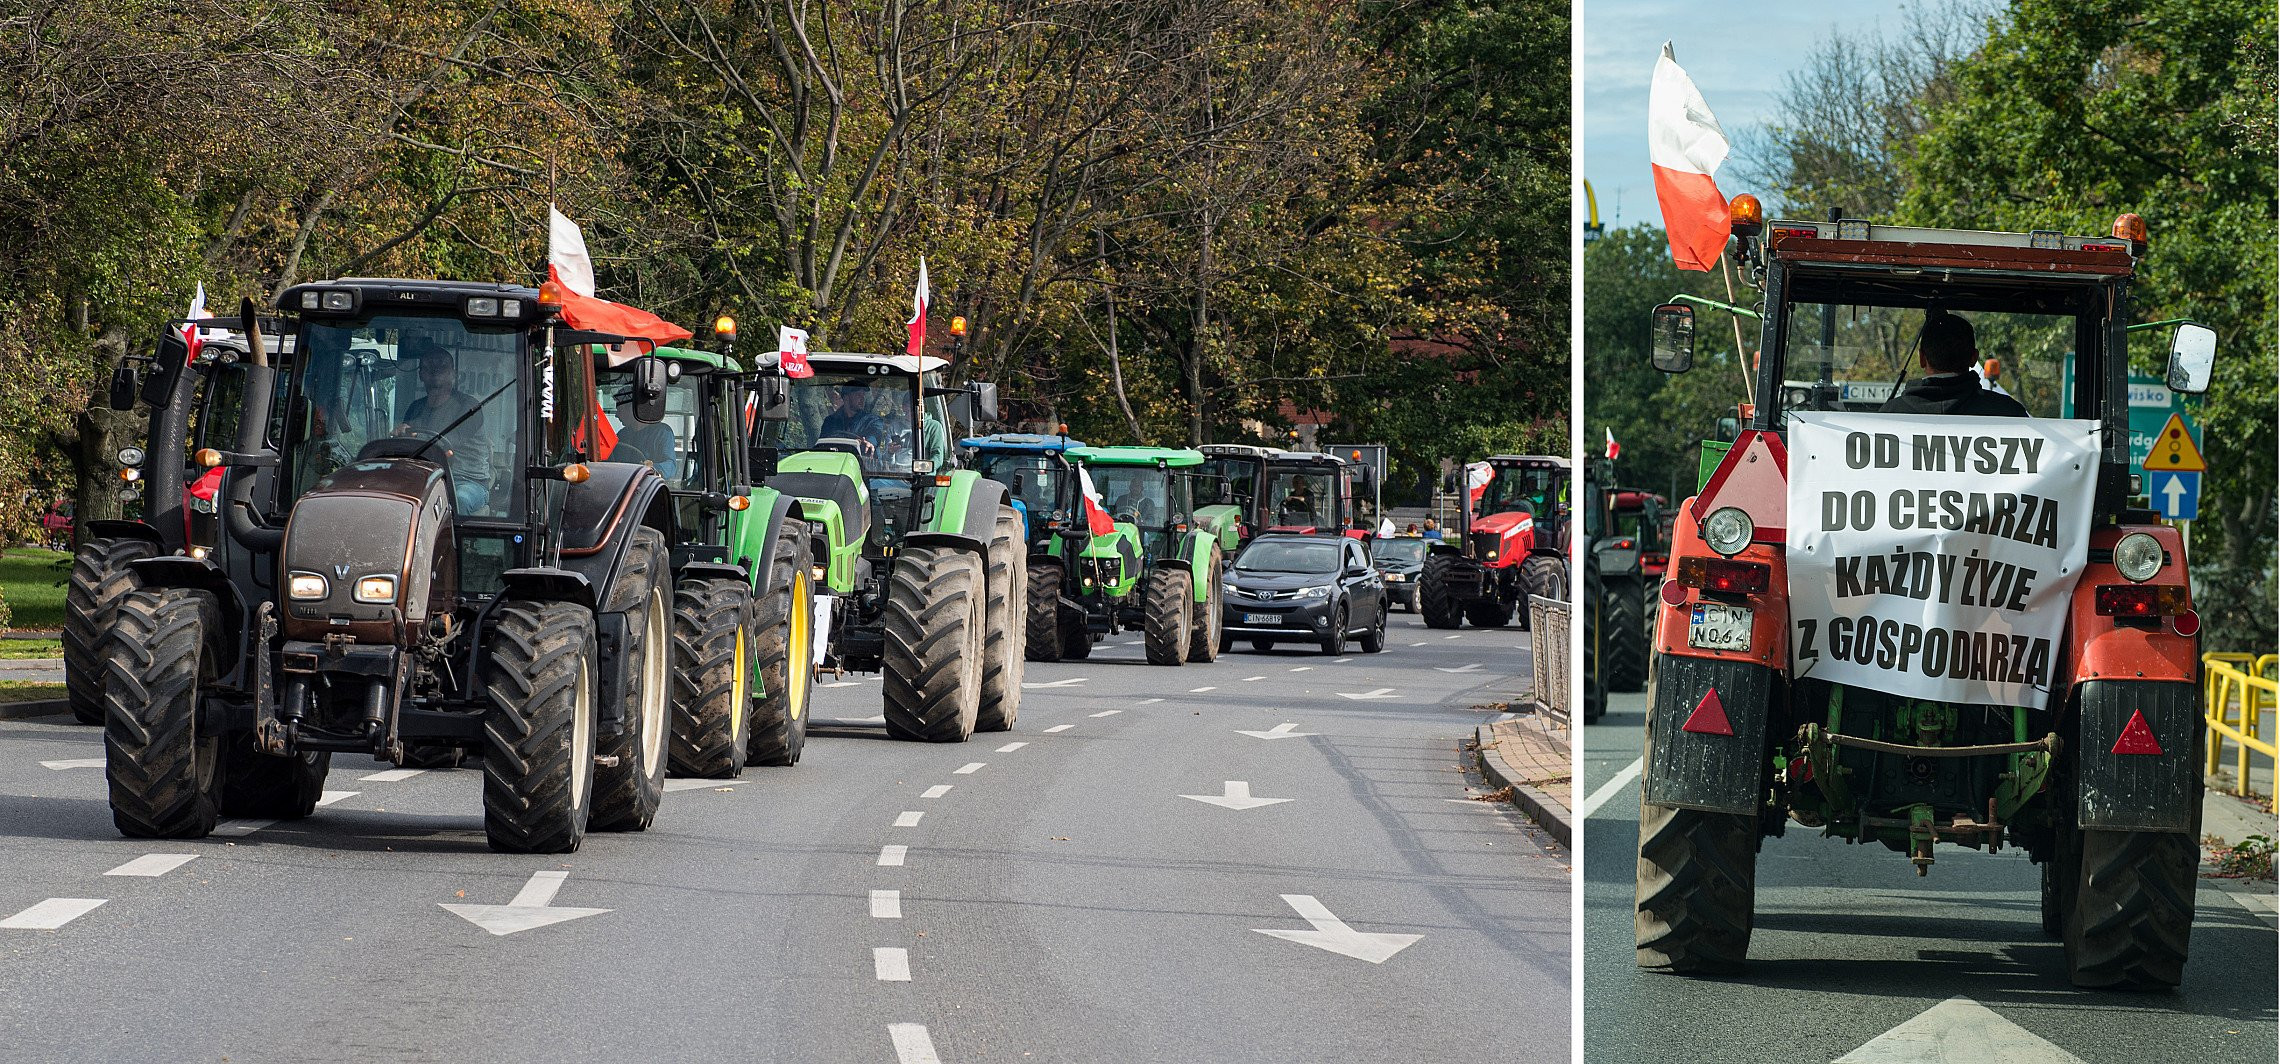 Inowrocław - Protestujący rolnicy na ulicach Inowrocławia [video]